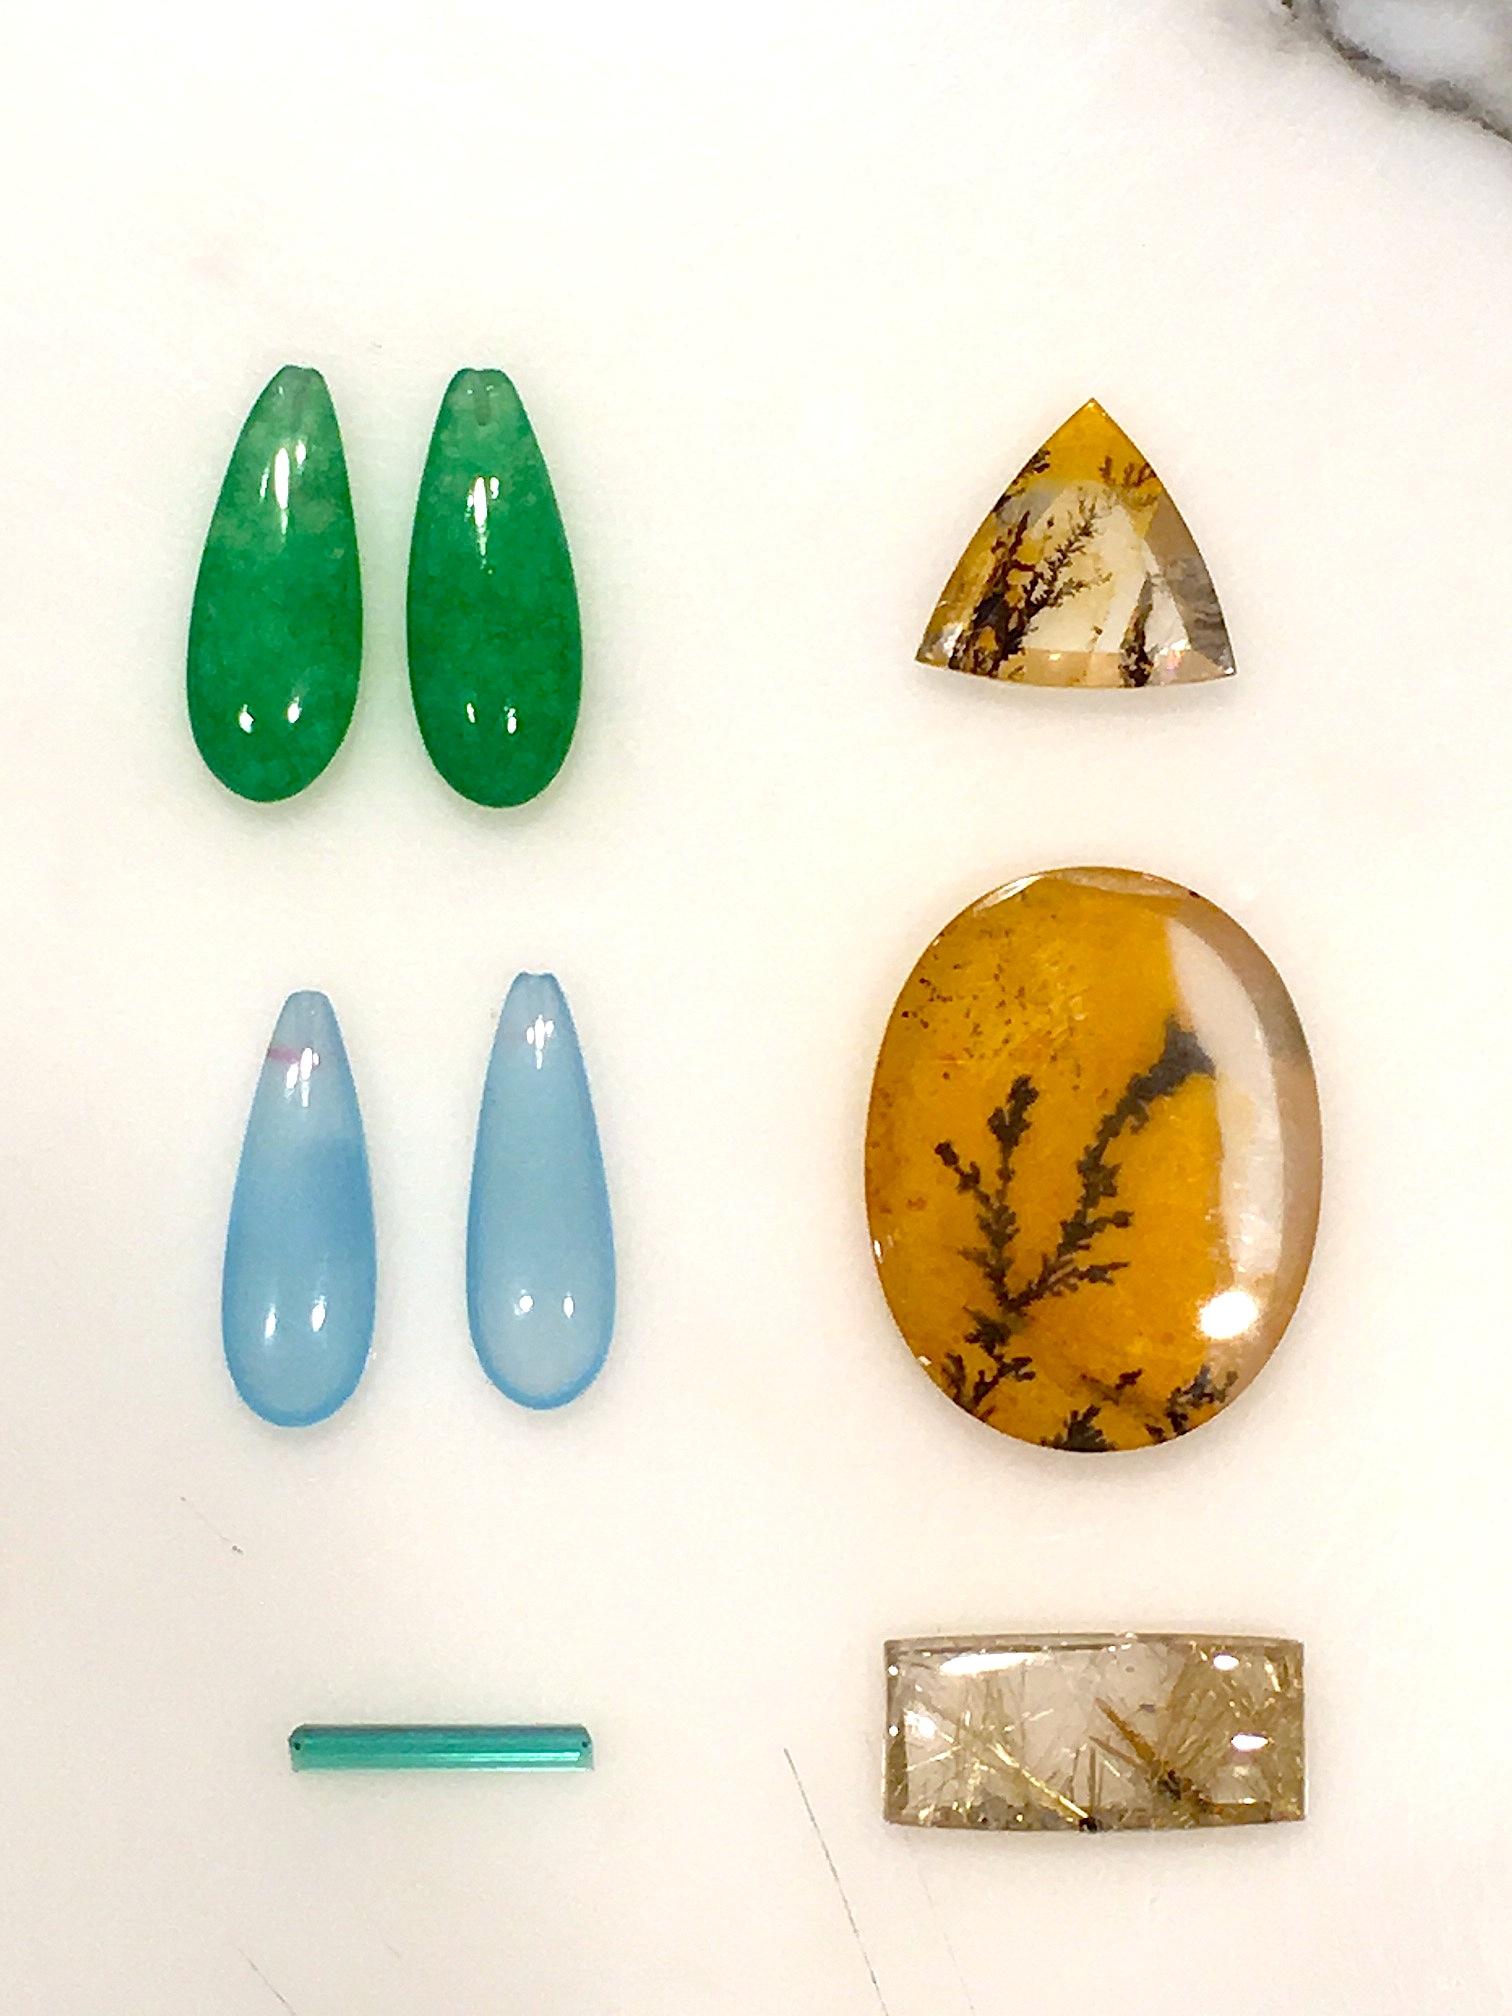 Piedras preciosas y bellas_image1